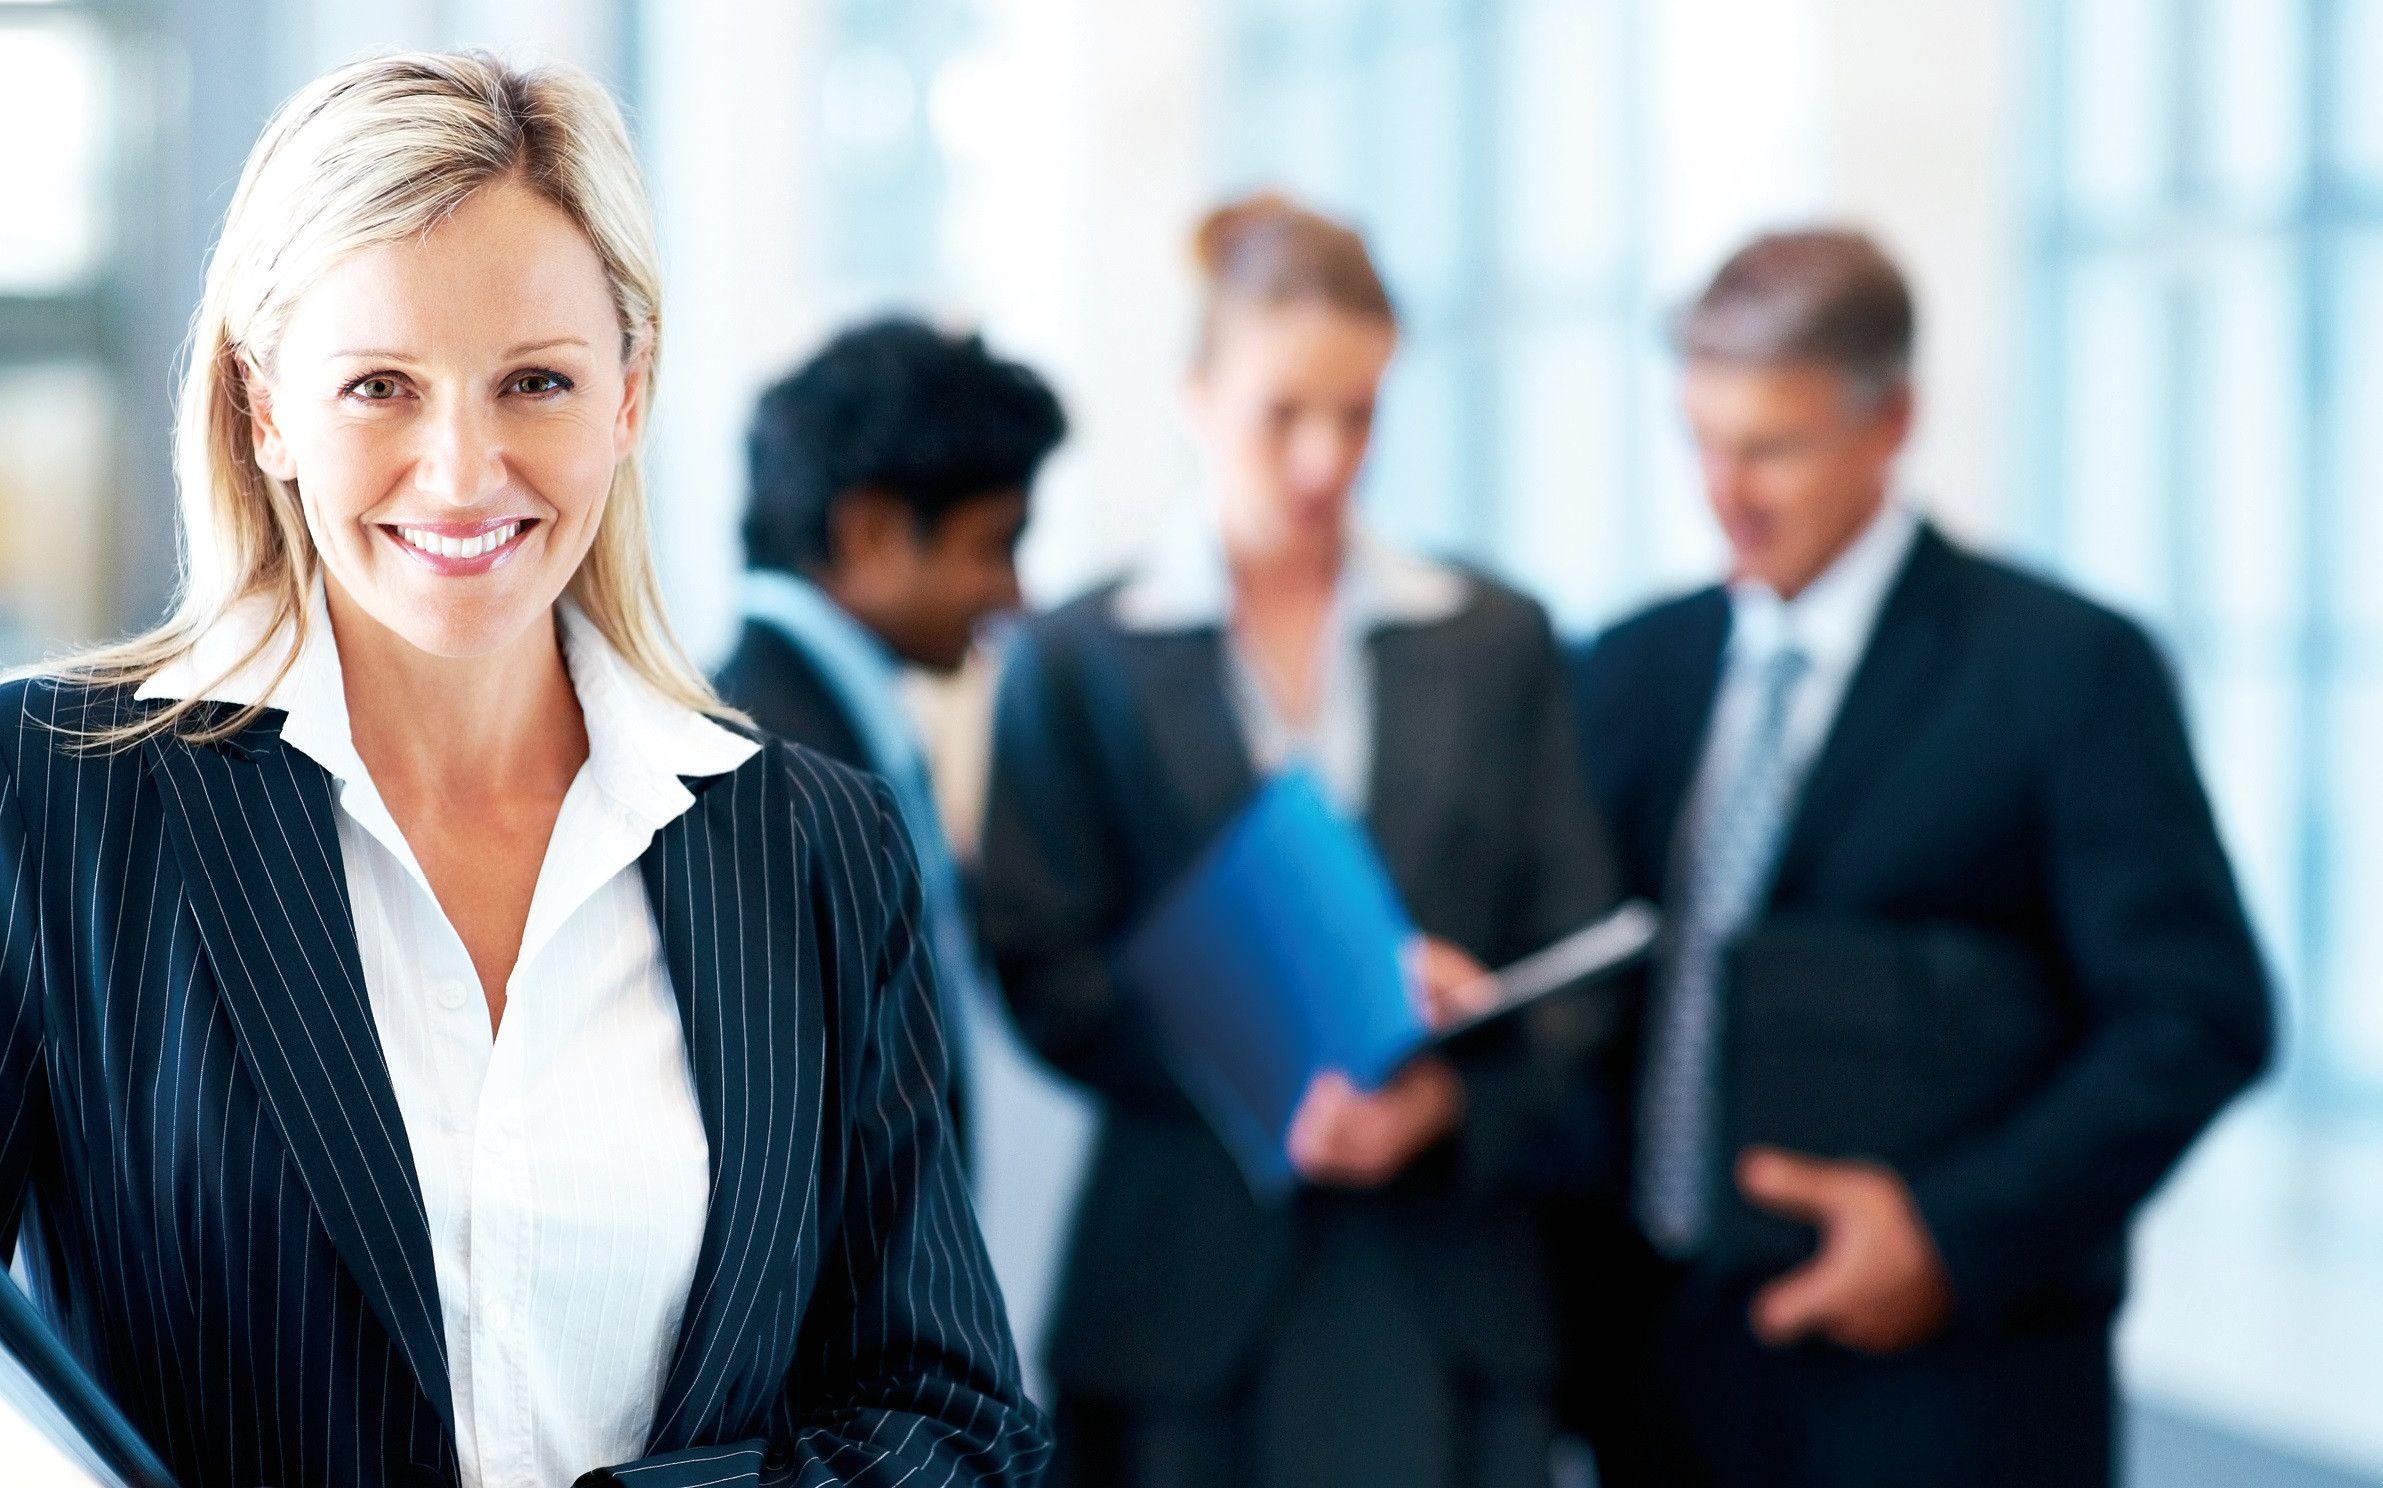 Fortalezca su liderazgo a través de su marca personal